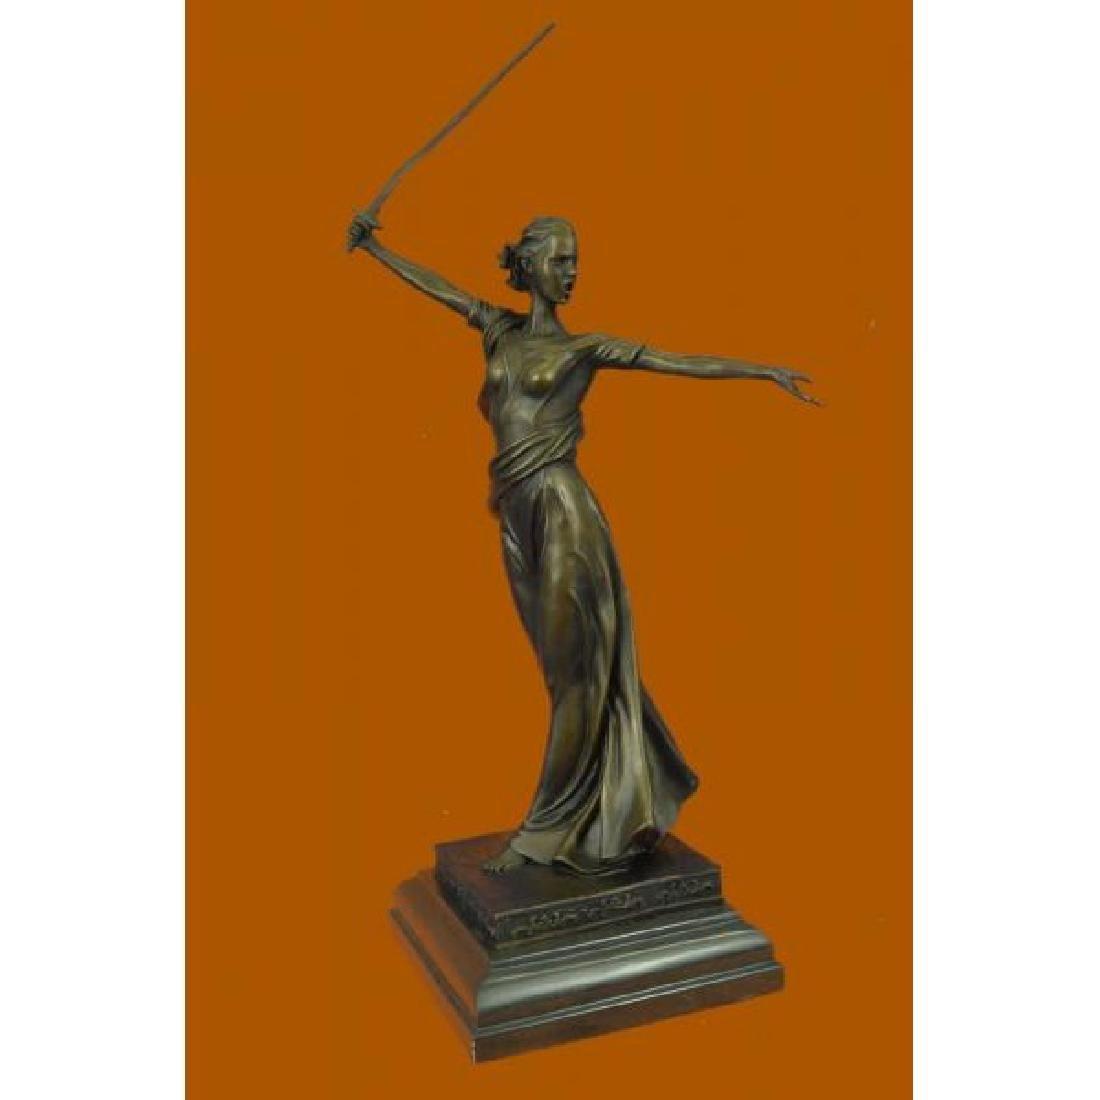 Greek Mythology Athena Female Warrior with Sword Bronze